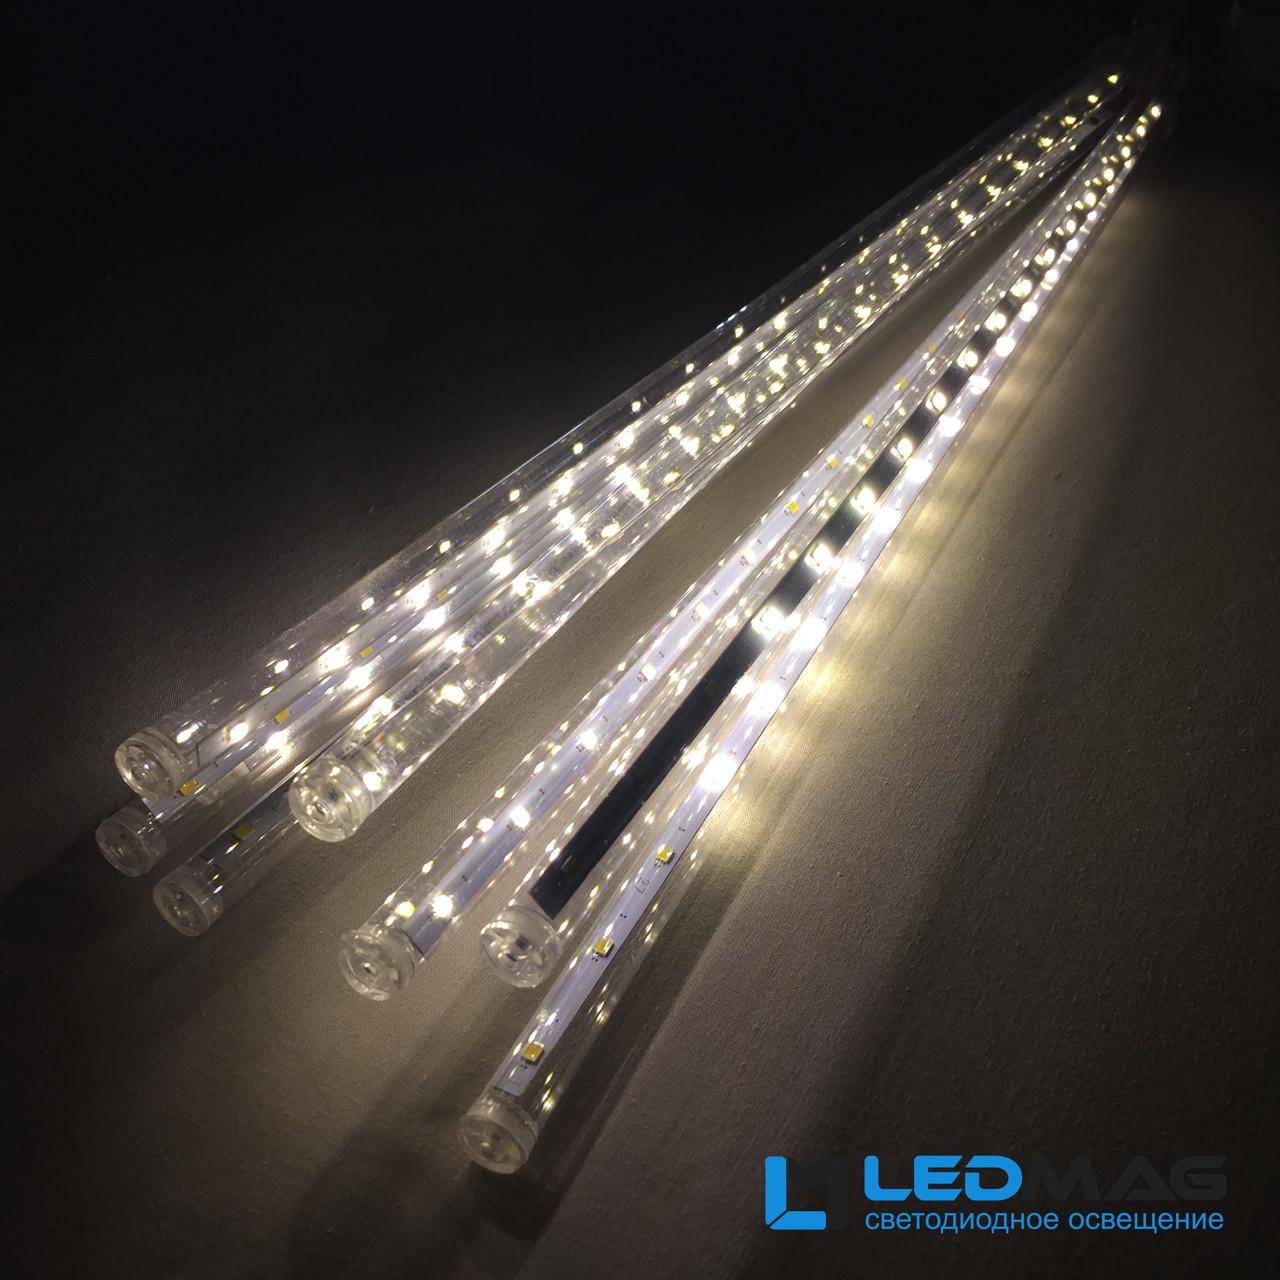 Светодиодная гирлянда Падающая капля (тающая сосулька), 8шт*50см, 3м 320 LED, ПВХ Теплый NEW 2019